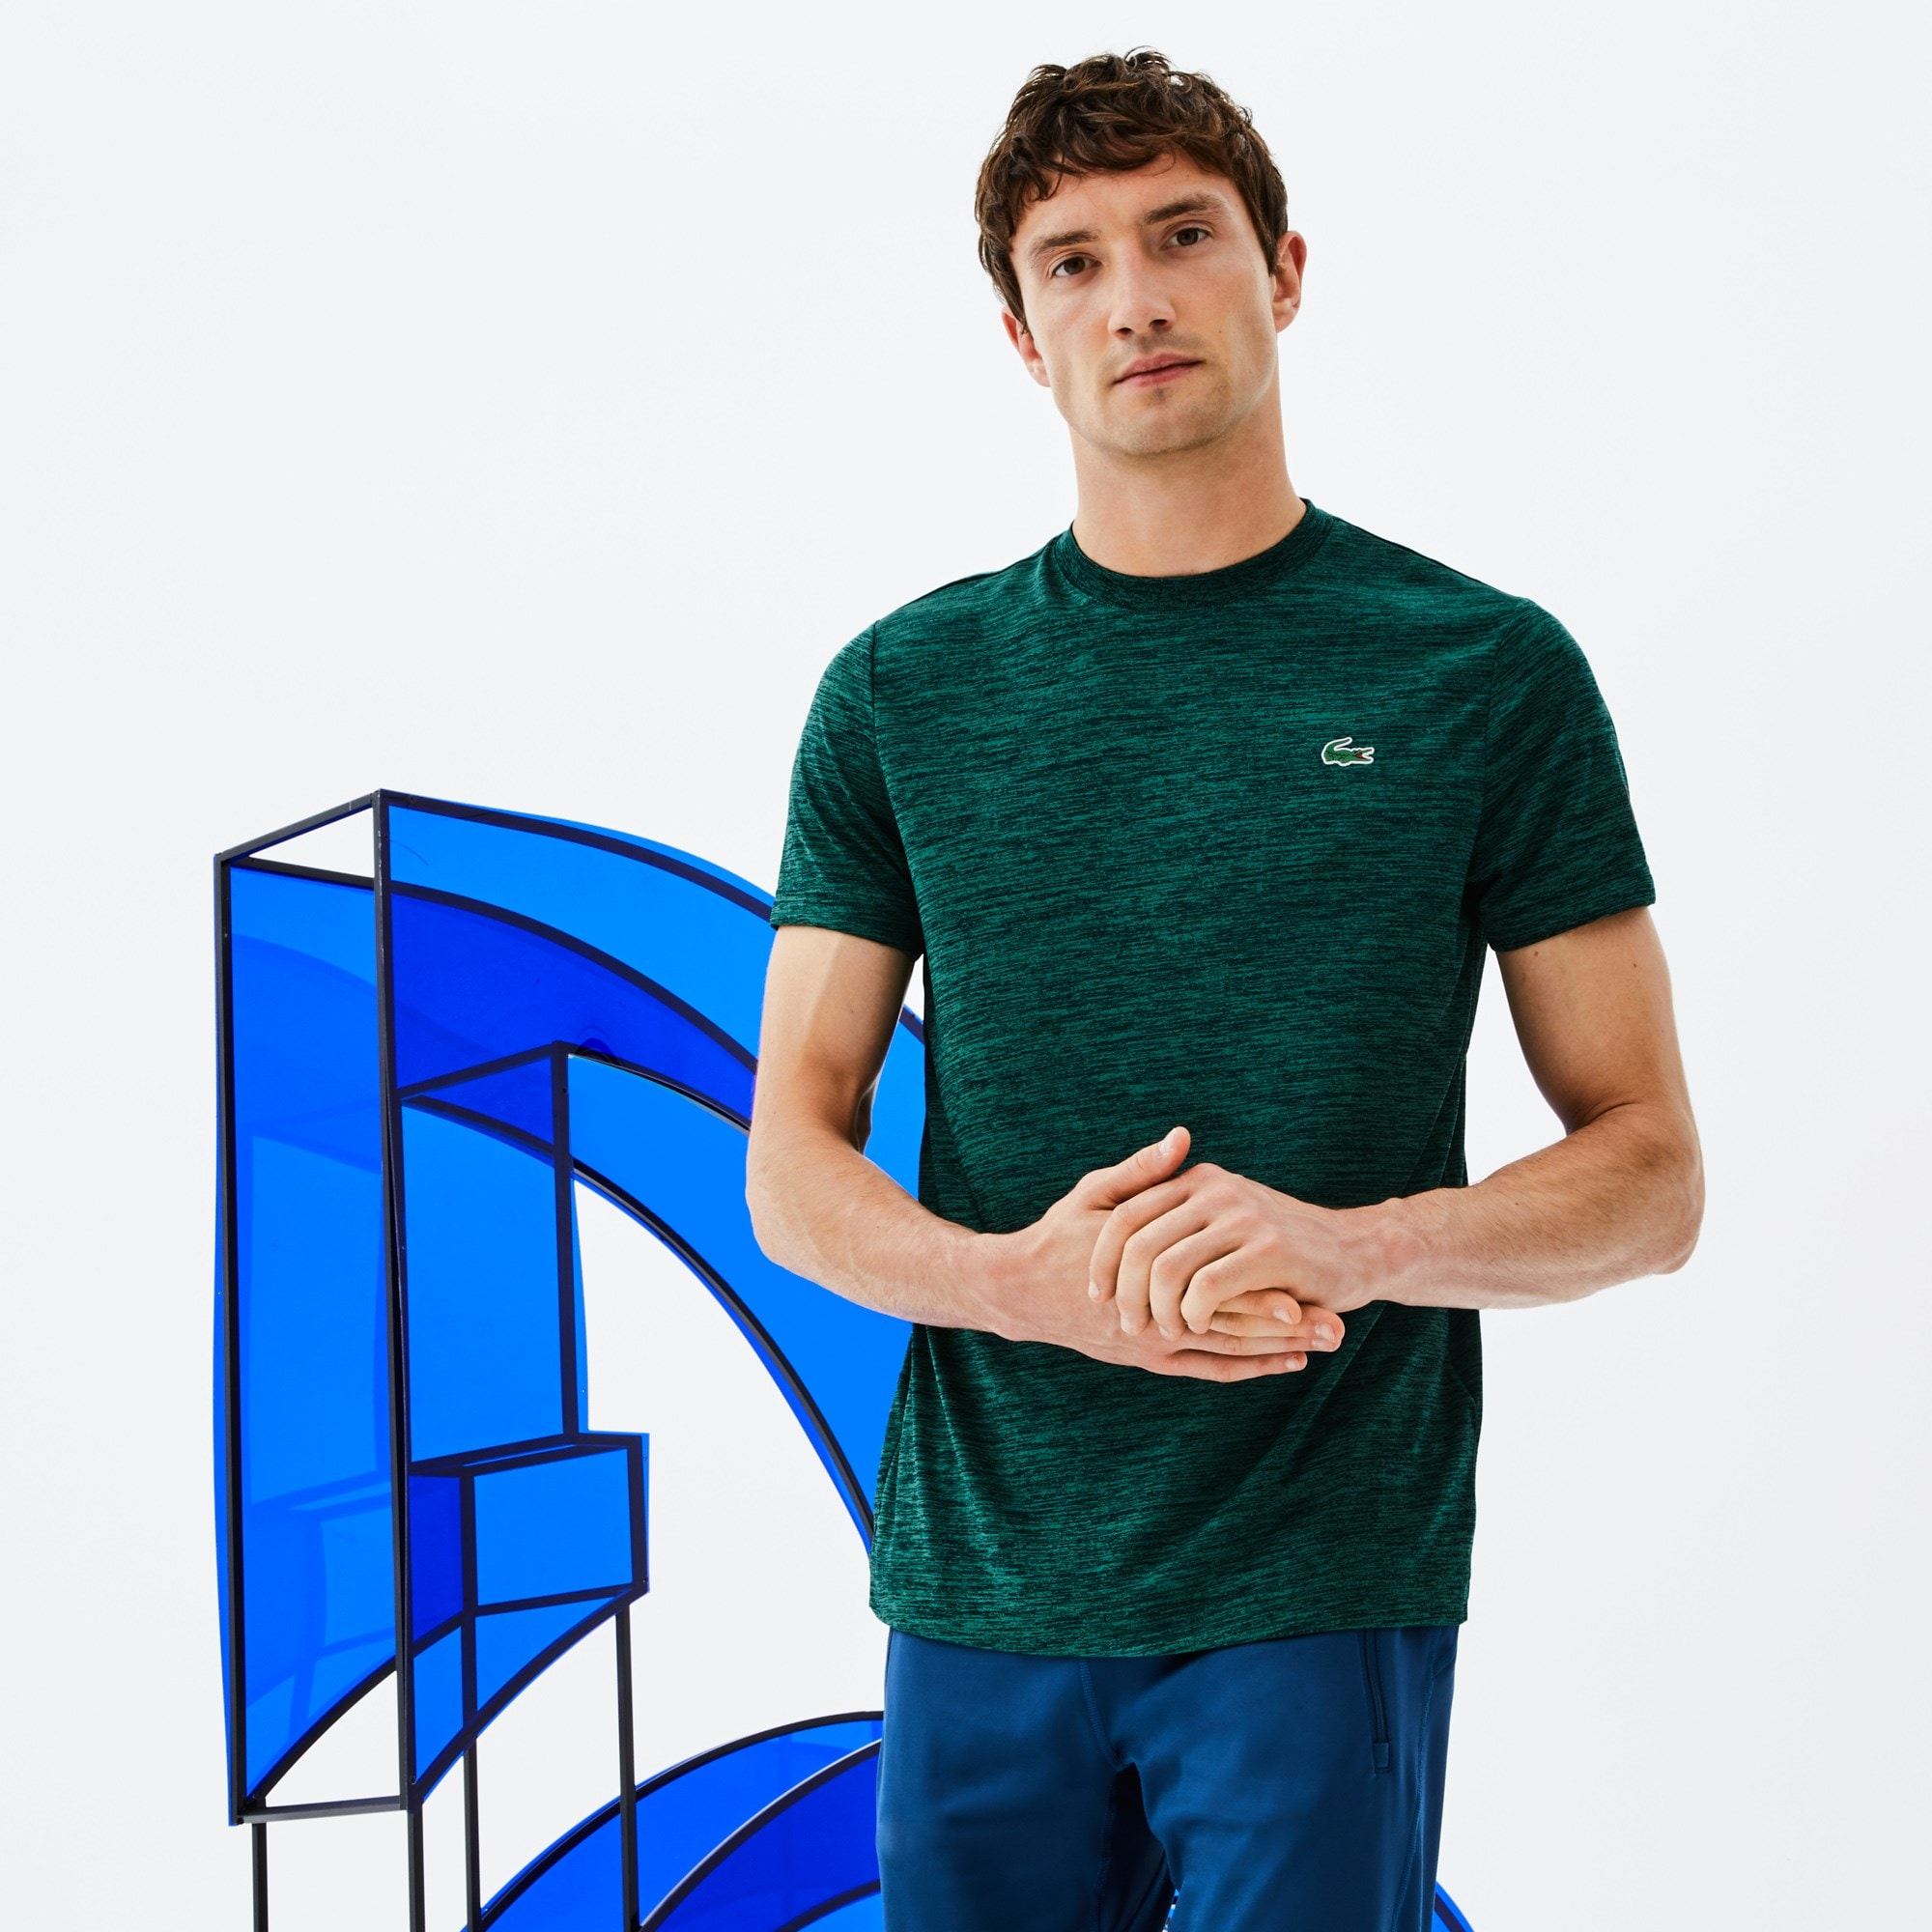 Camiseta De Hombre Cuello Redondo Tenis Lacoste SPORT En Punto Técnico Y Malla